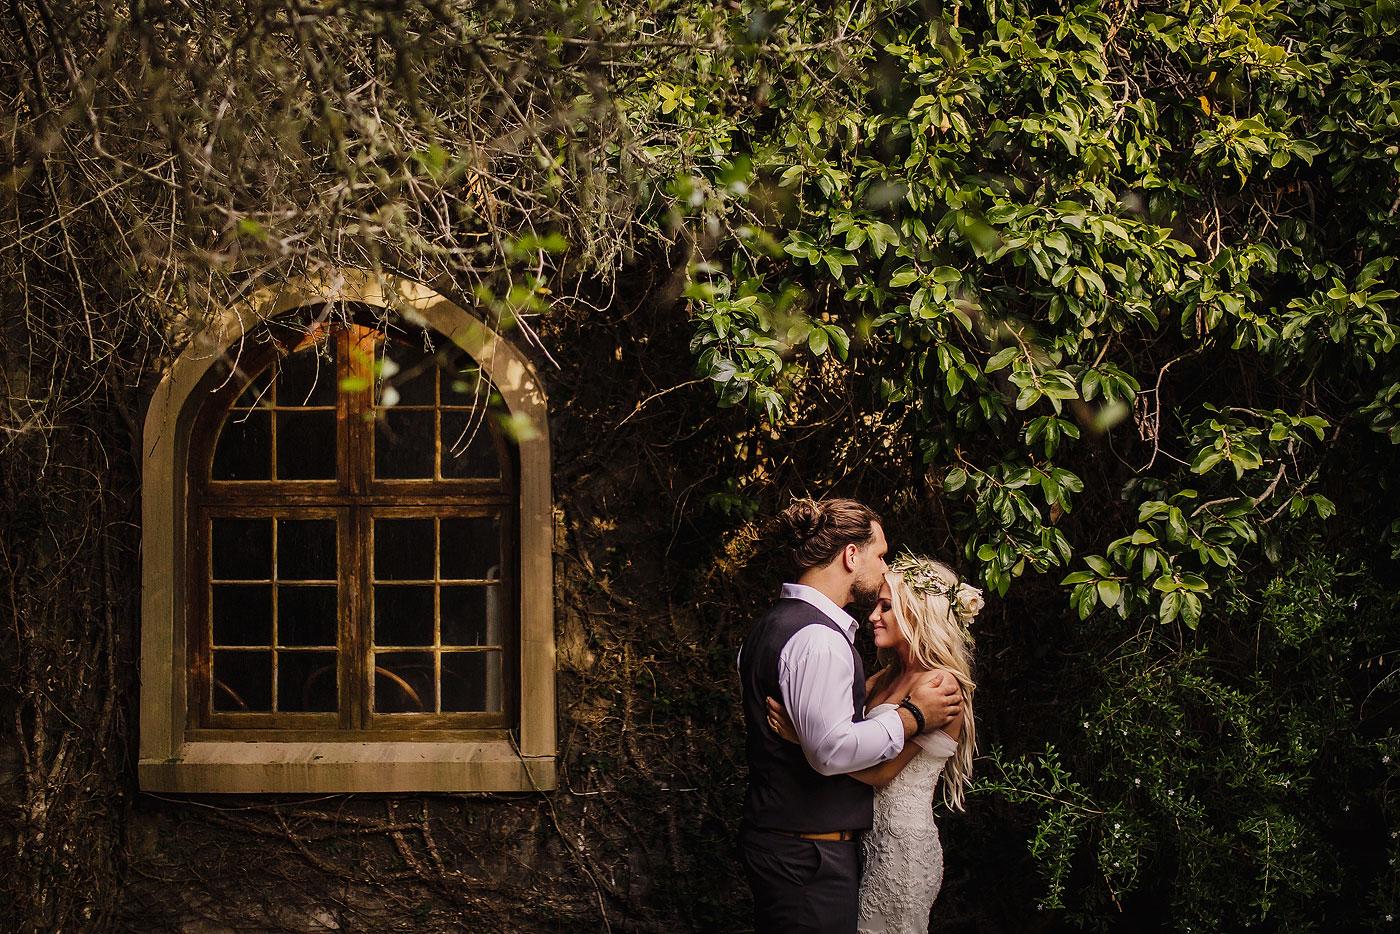 Intimate Forest Wedding Portrait